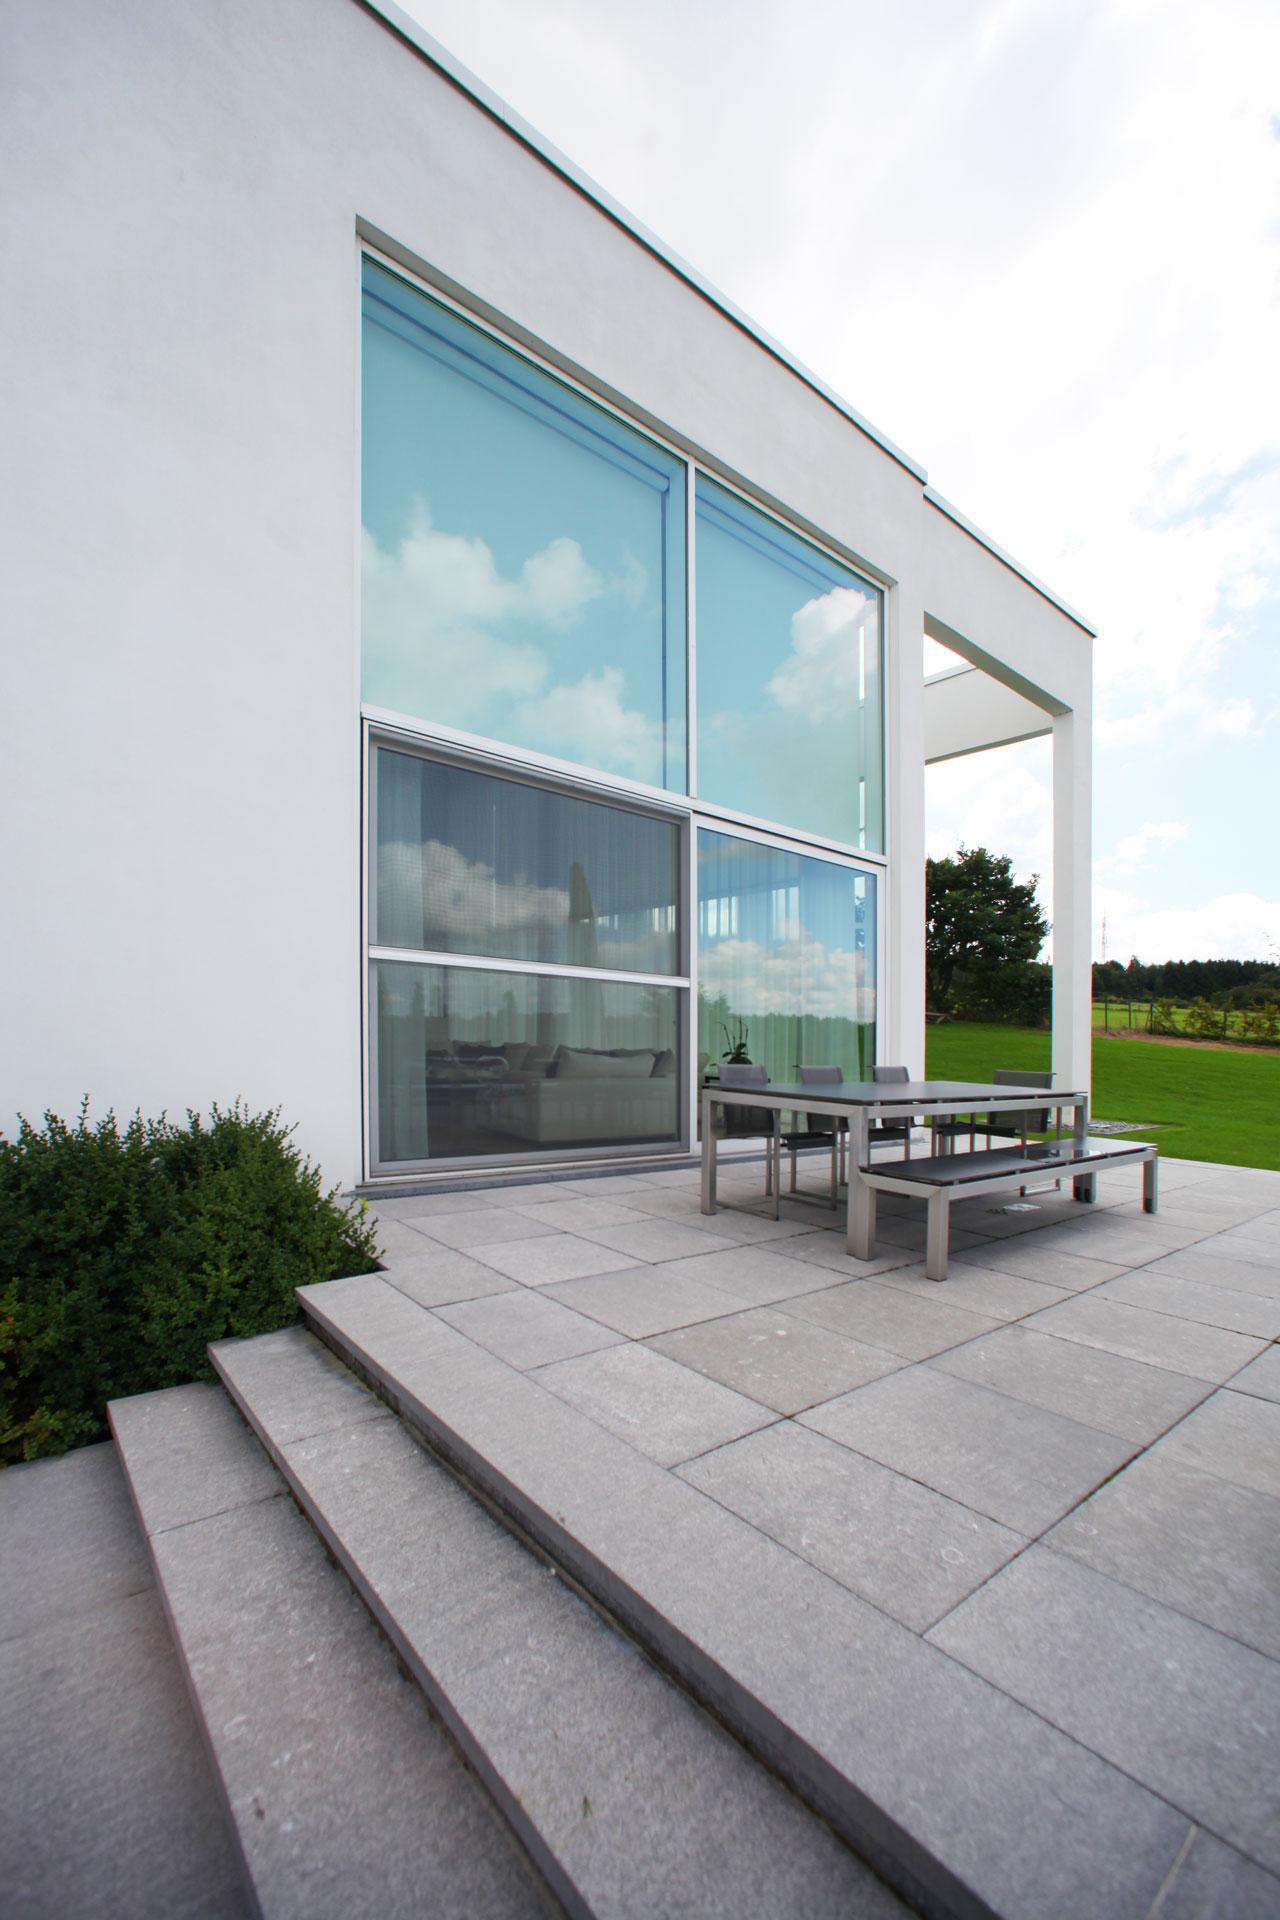 marmor_radermacher_modern_villa_naturstein_aussenanlage_design_blaustein_terrasse_aachen_koeln_duesseldorf